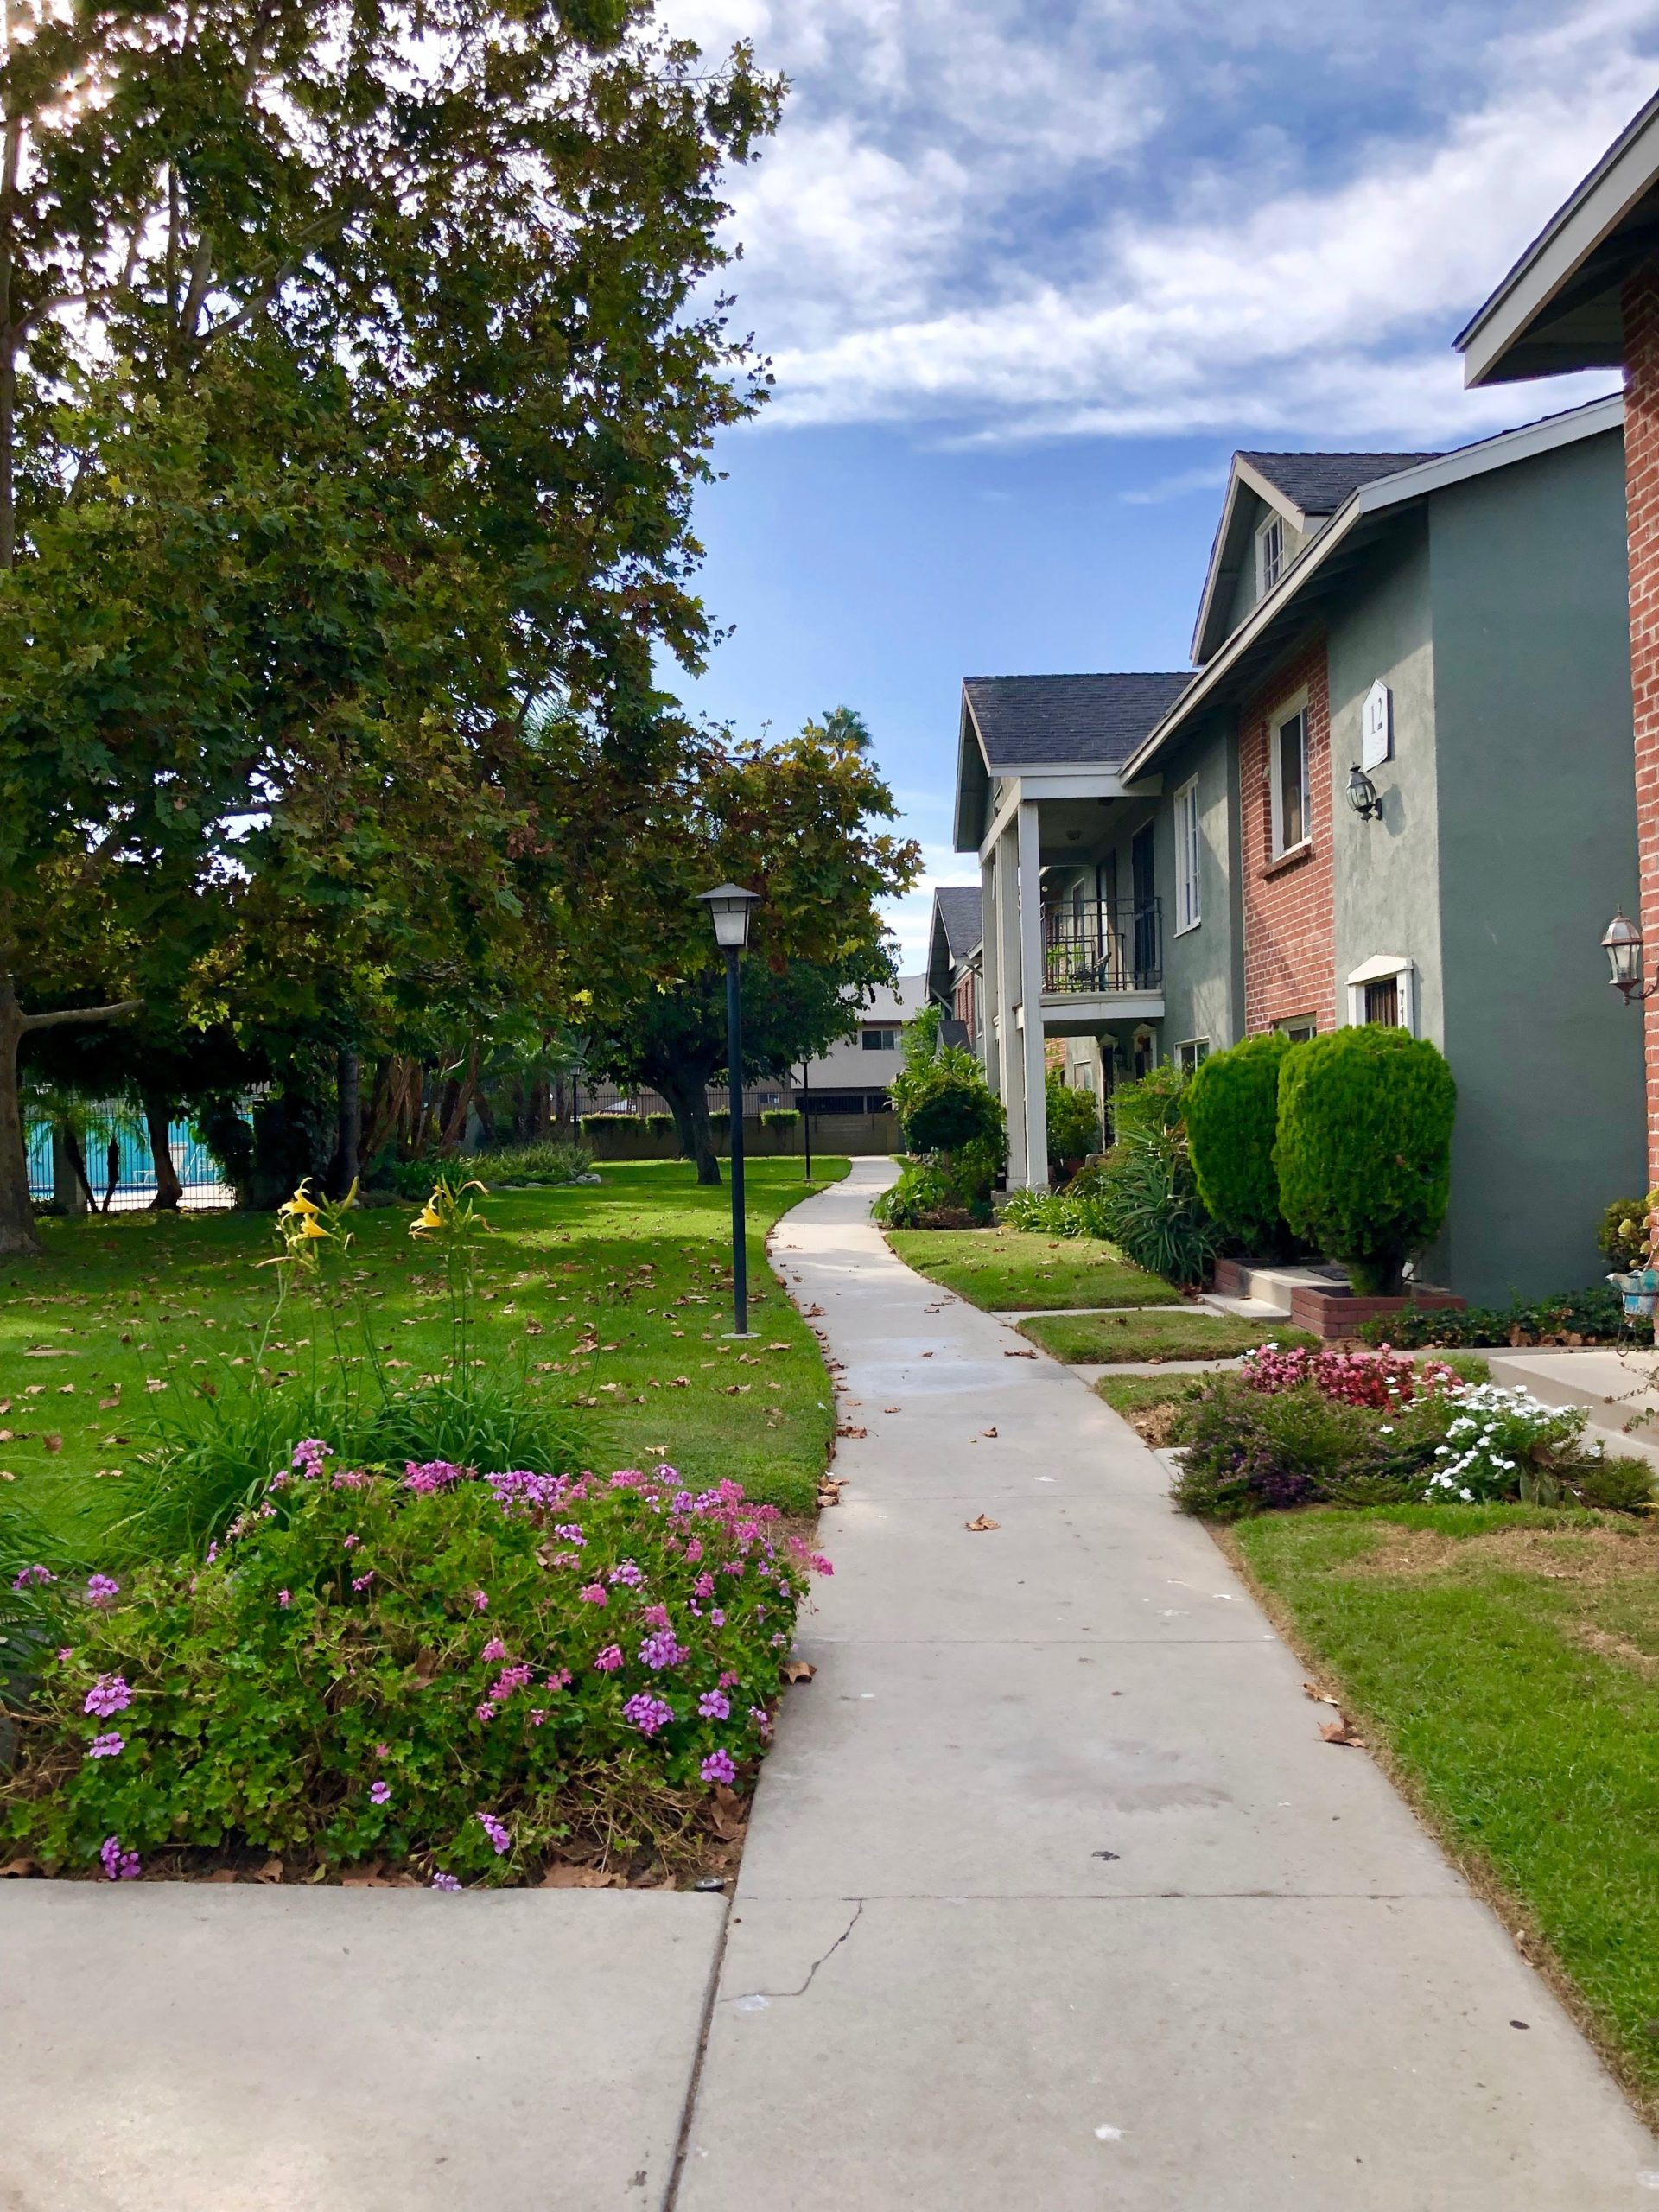 view of neighborhood